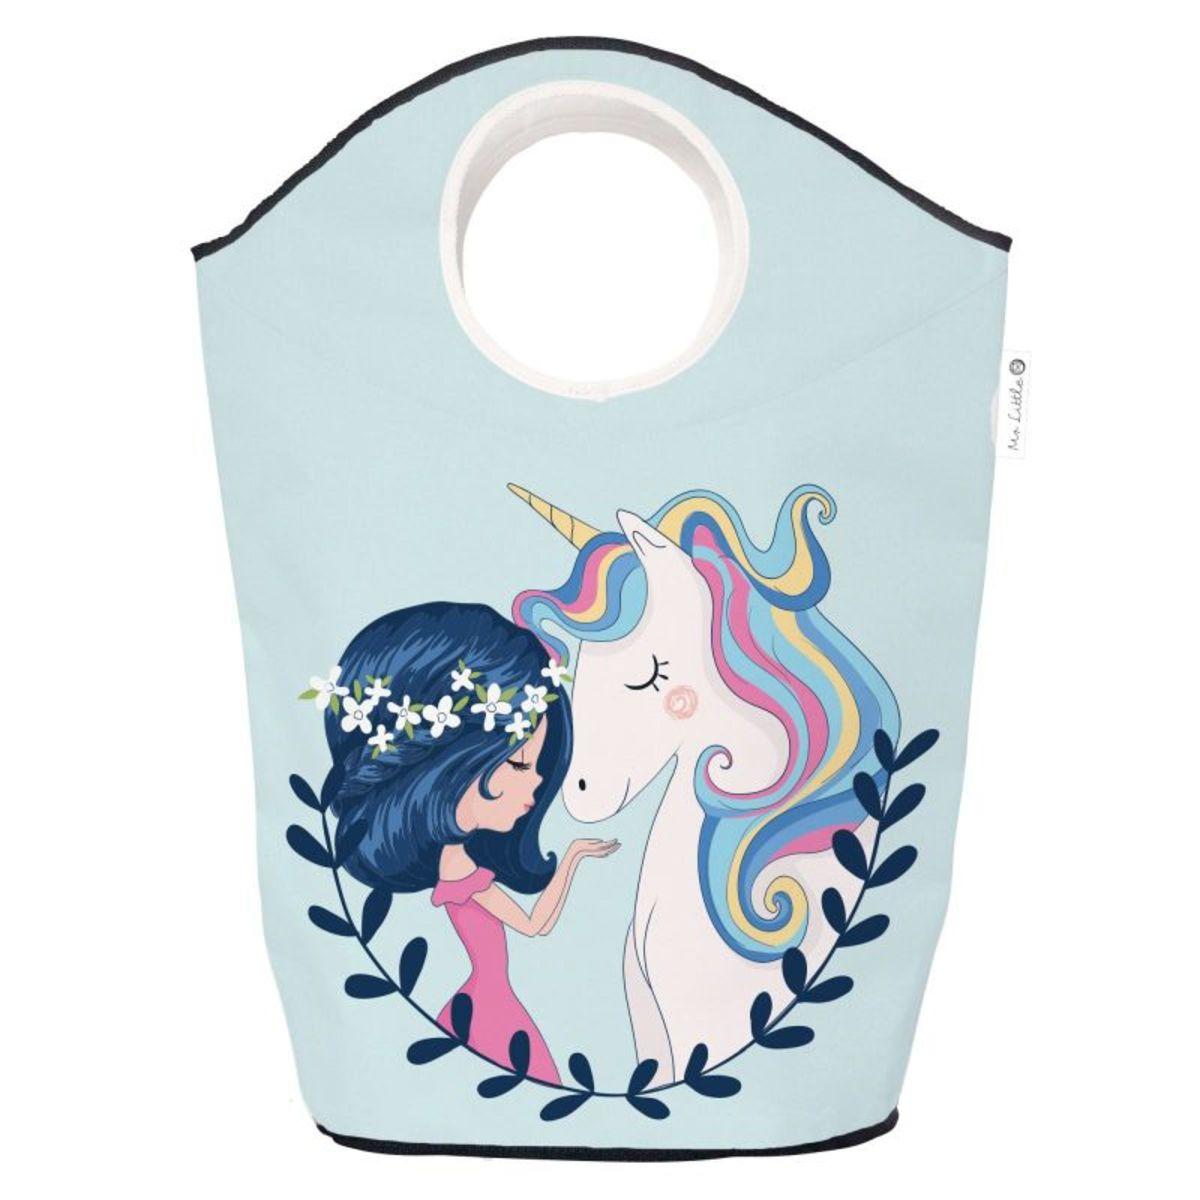 Mr. Little Fox Detská úložná taška - Dievčatko a jednorožec Unicorn